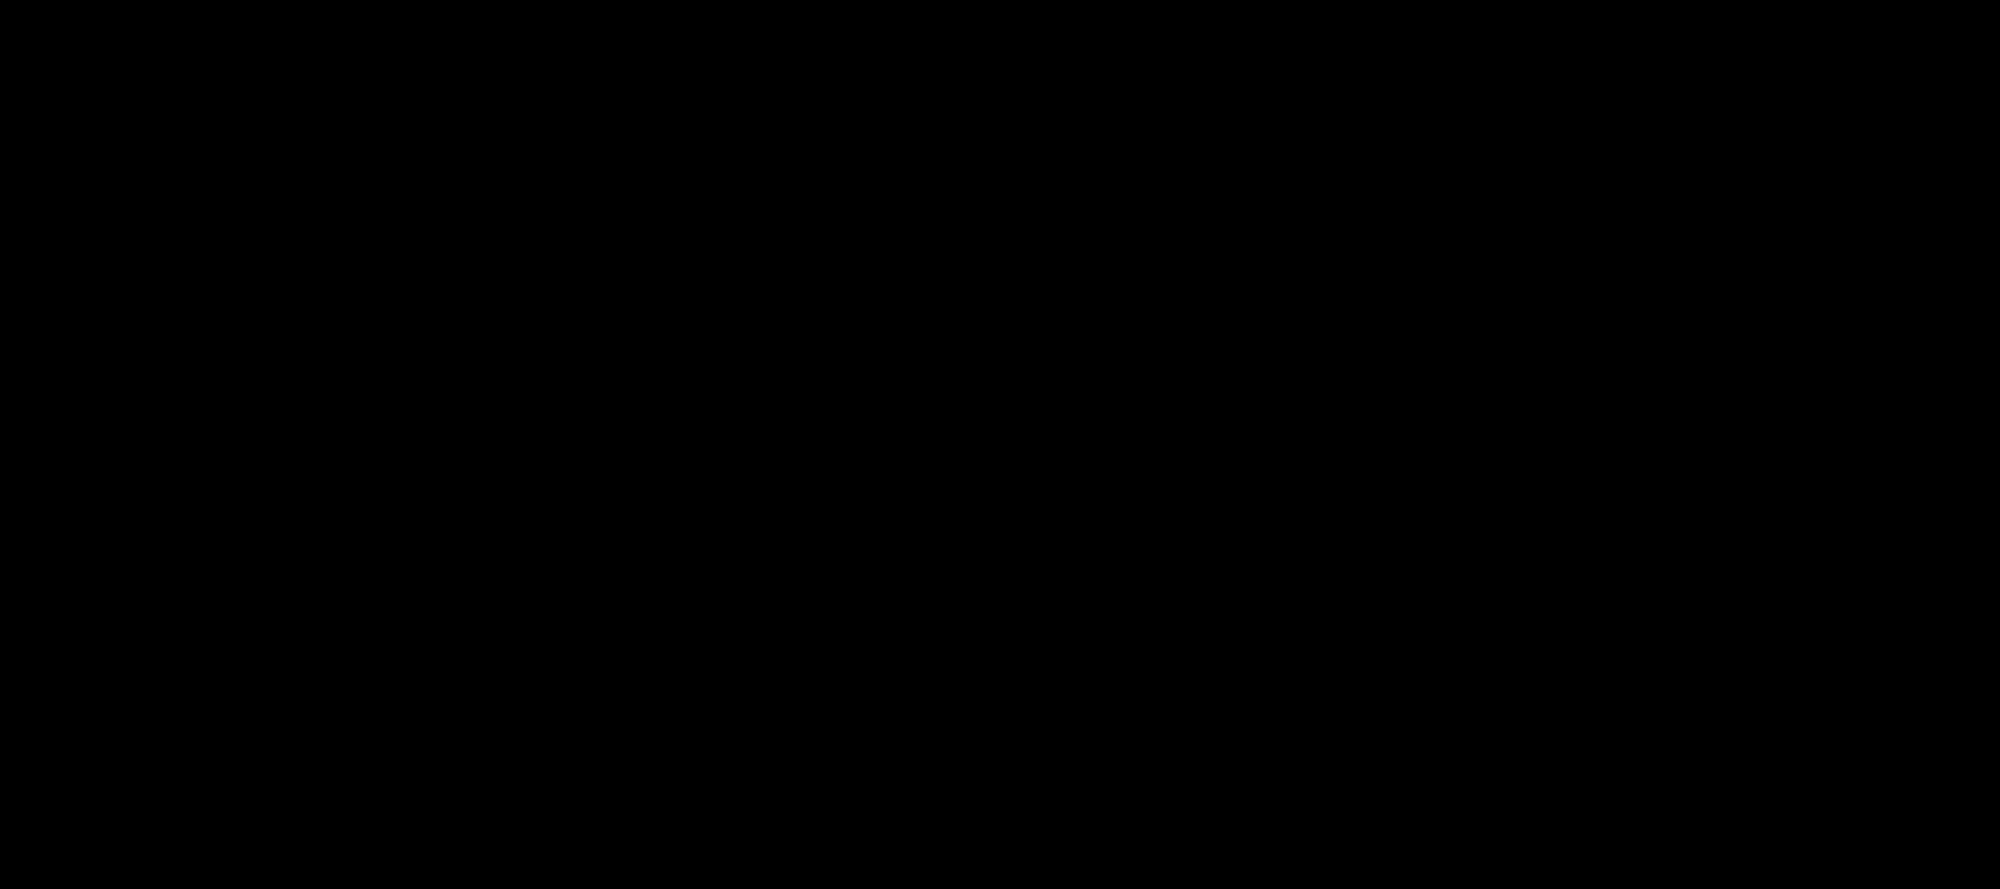 2000x889 Filebattleship Clipart.svg